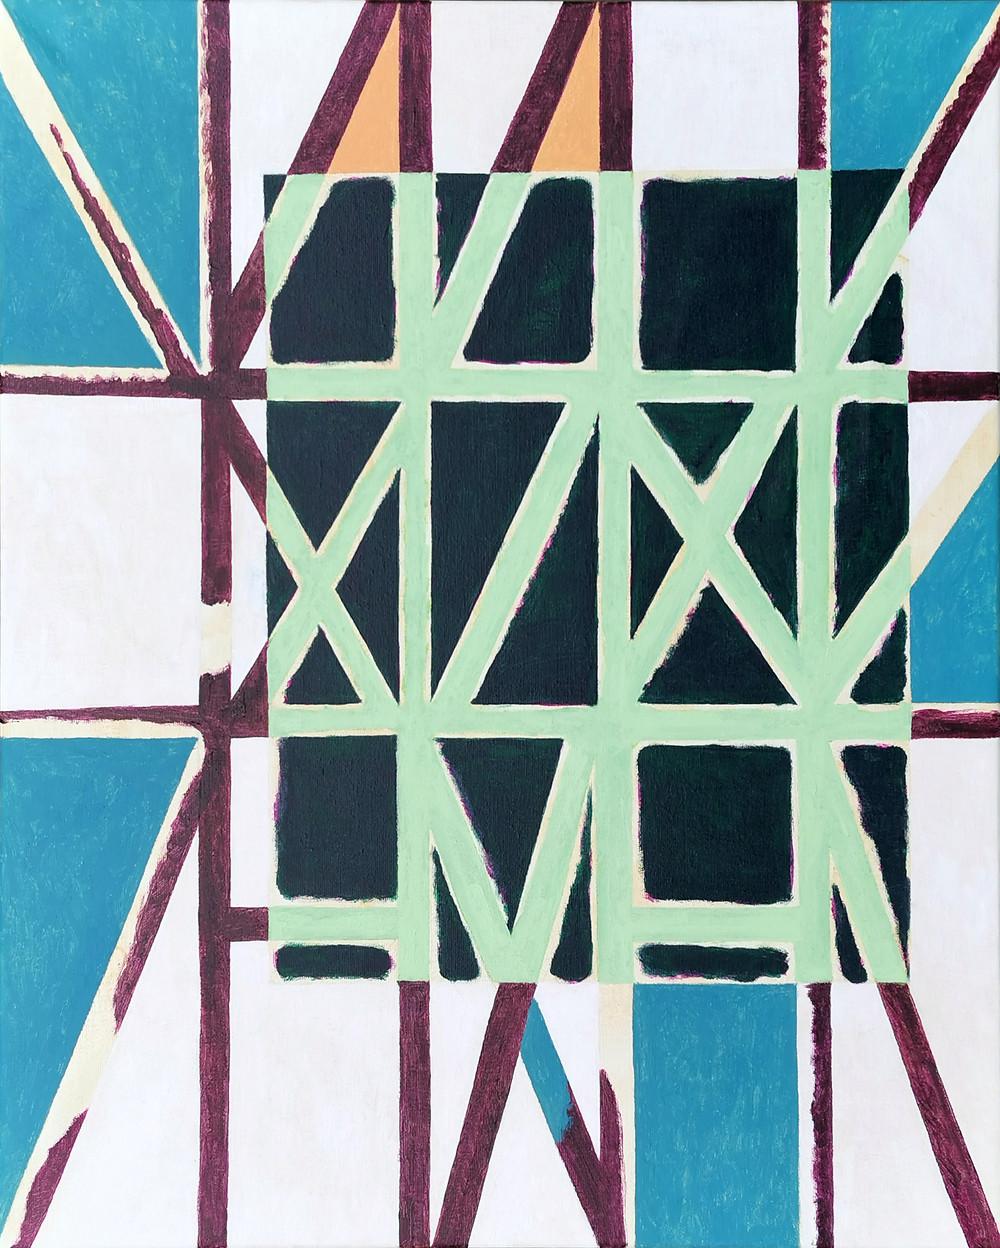 Fachwerk Und 21, 2020, acrylic on canvas, 81x65cm